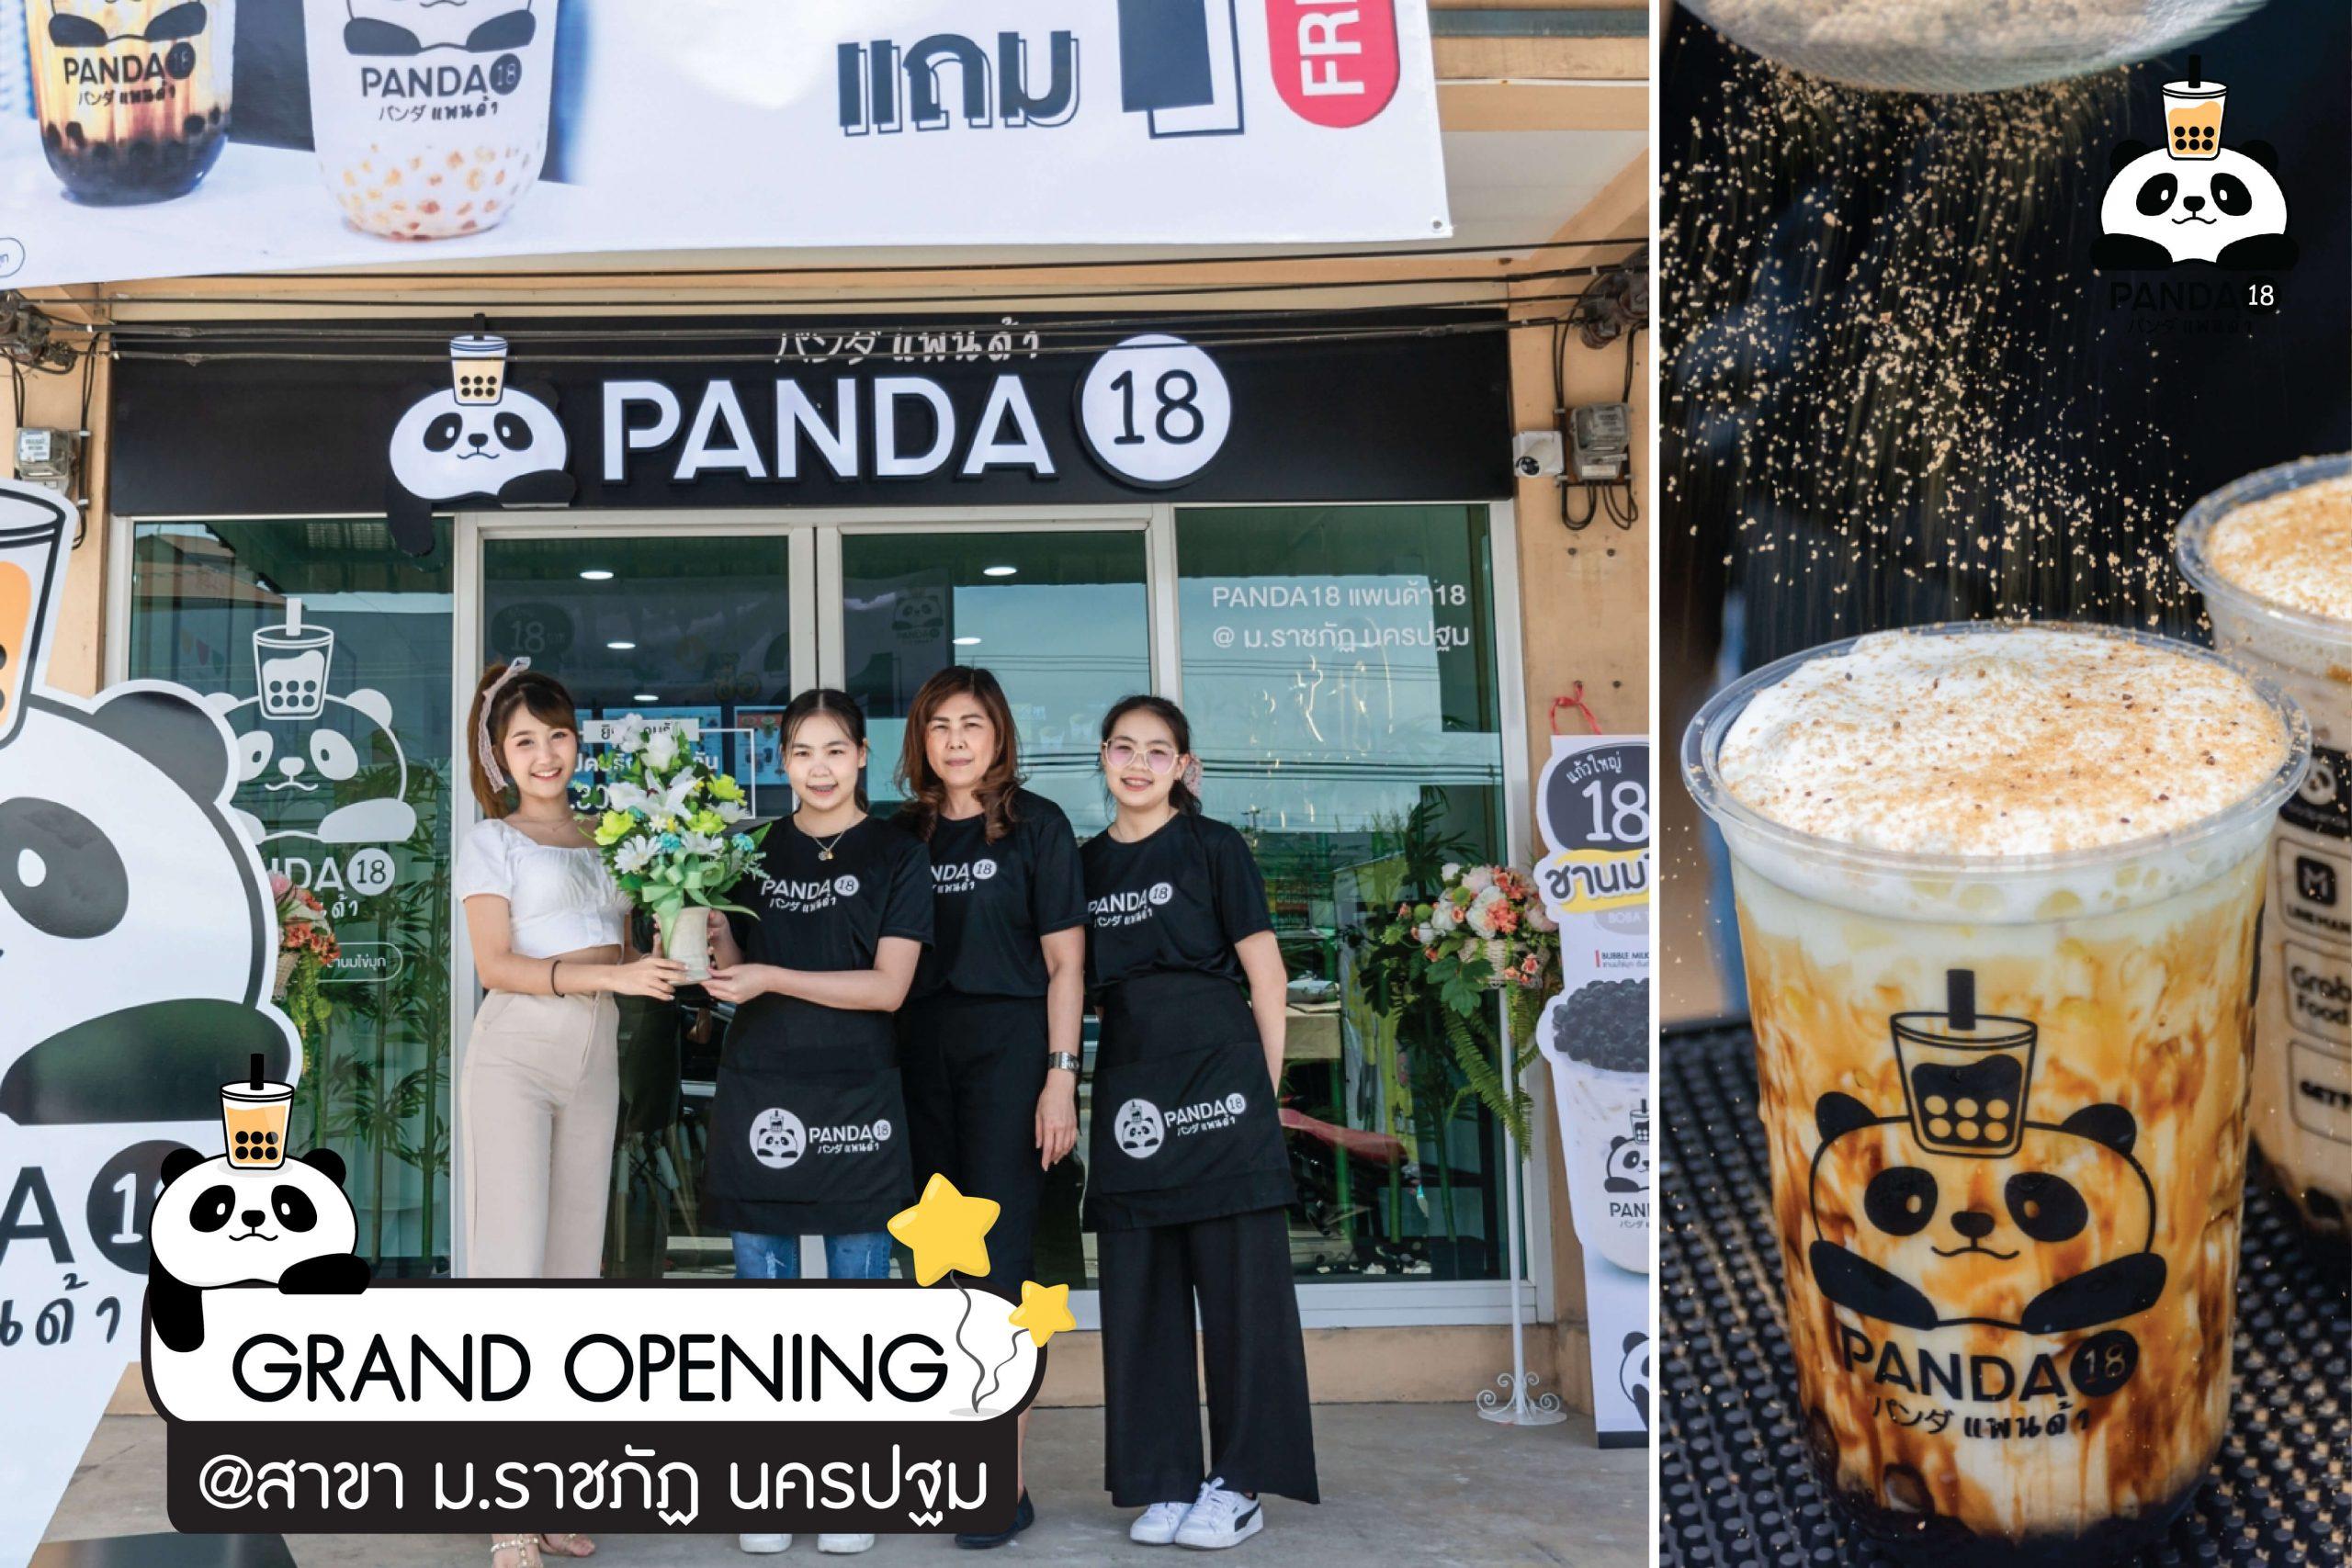 เปิดร้าน แพนด้า18ชานมไข่มุก สาขาม.ราชภัฏนครปฐมแล้ว!!